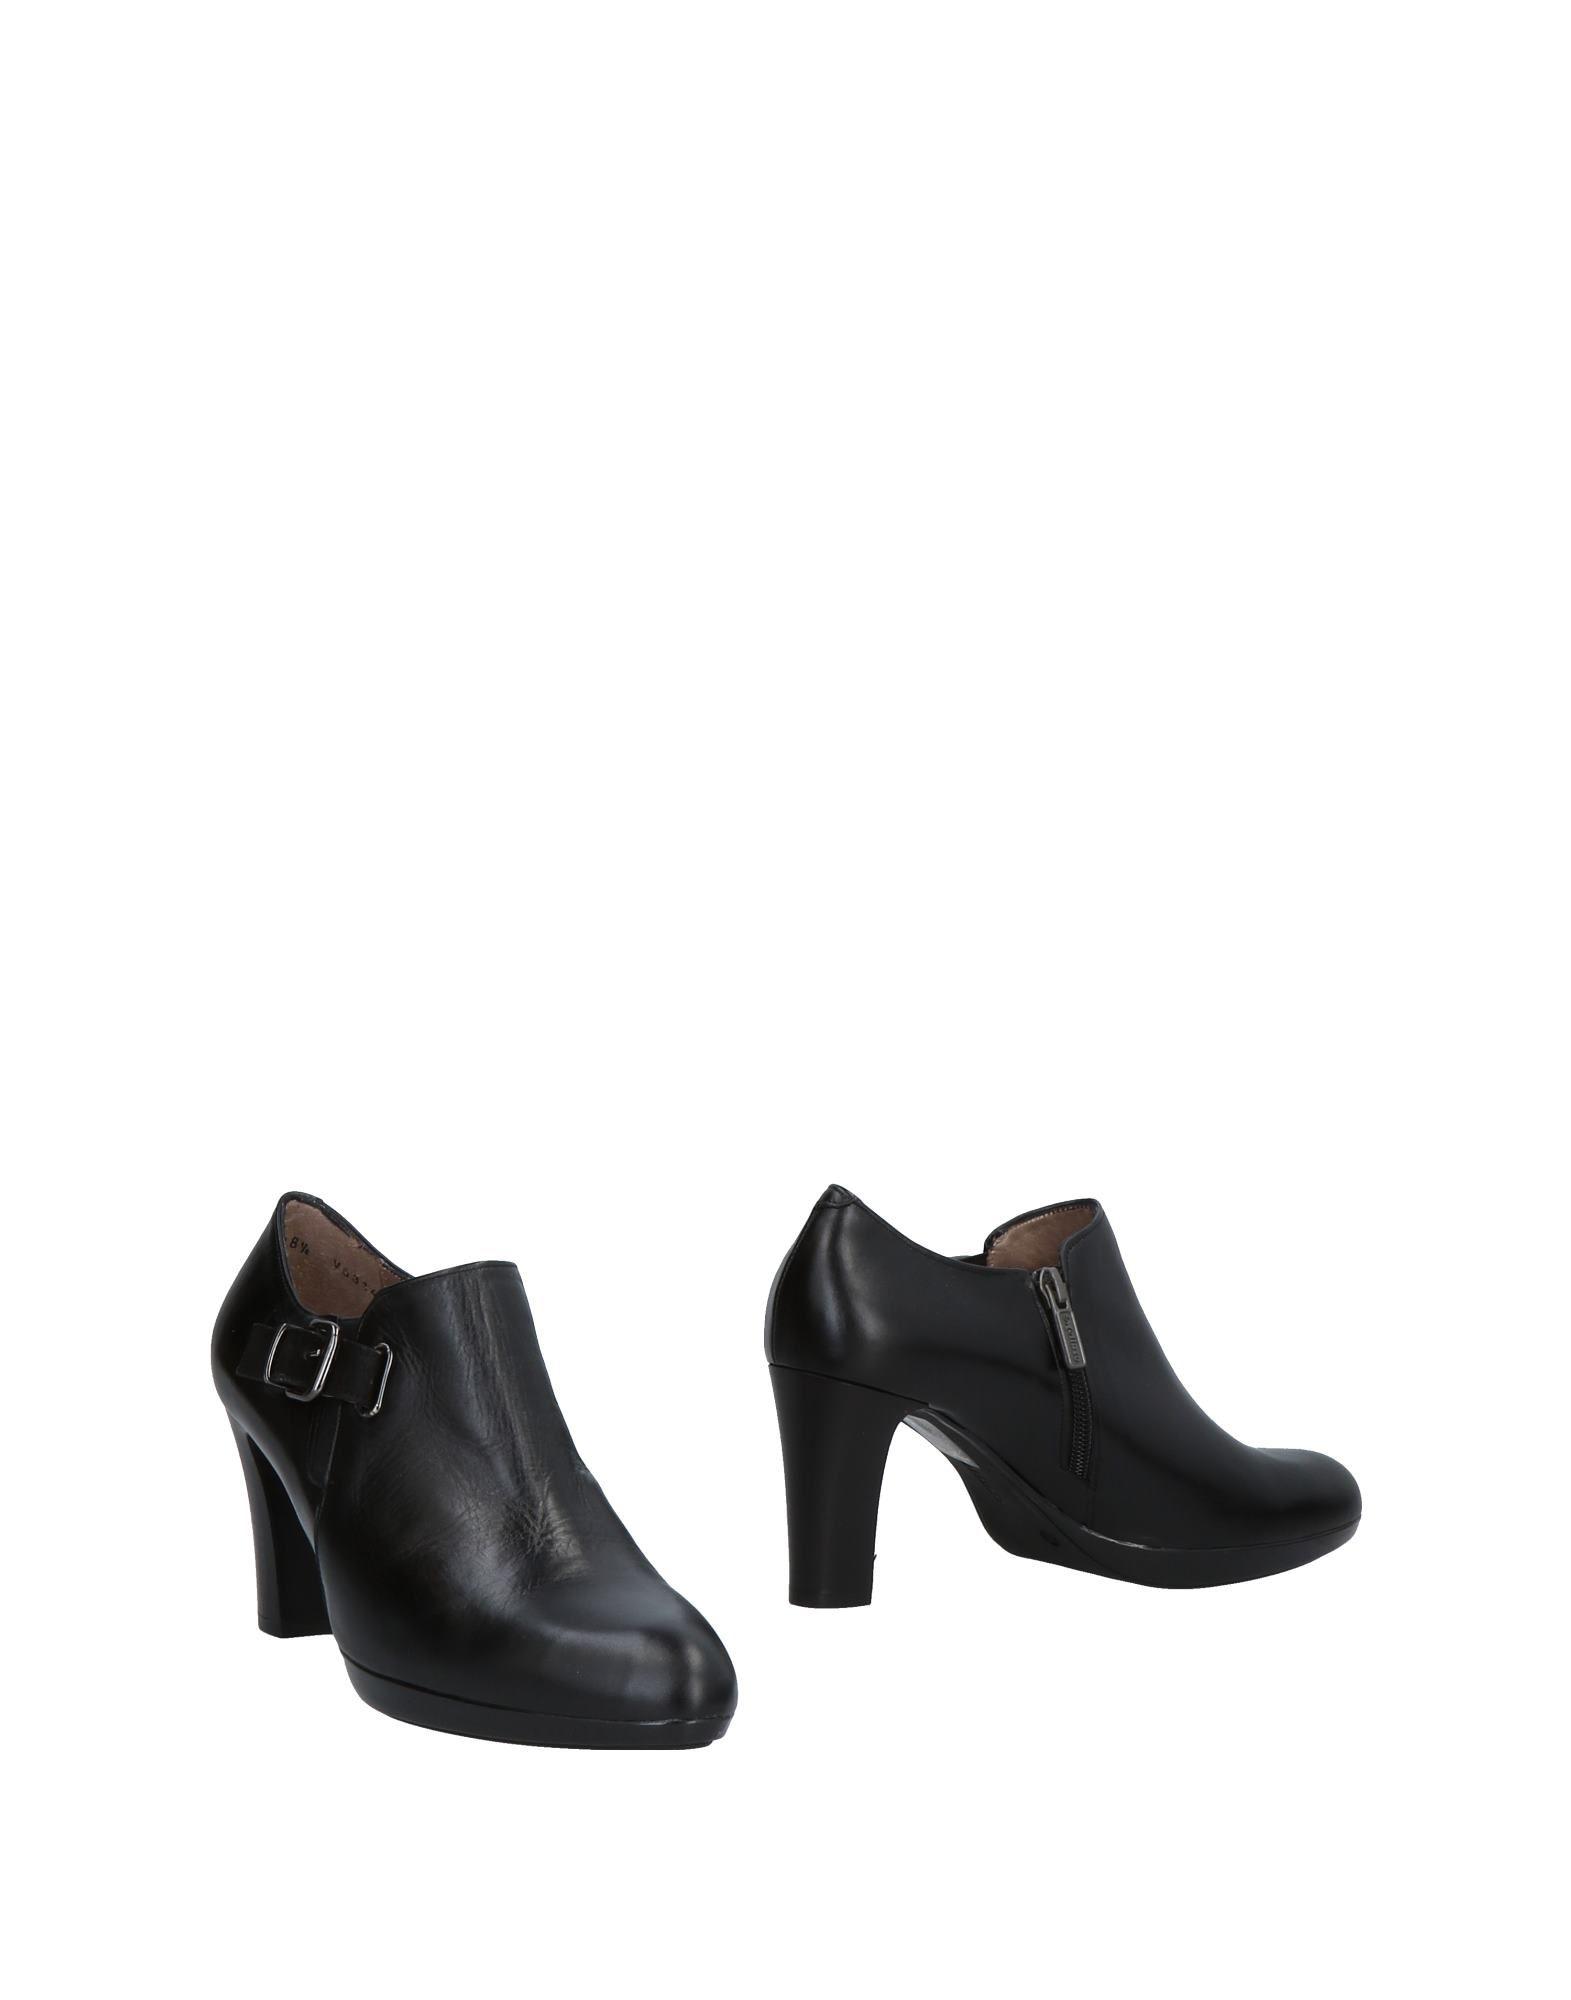 Melluso Stiefelette Damen  11493165TK Gute Qualität beliebte Schuhe